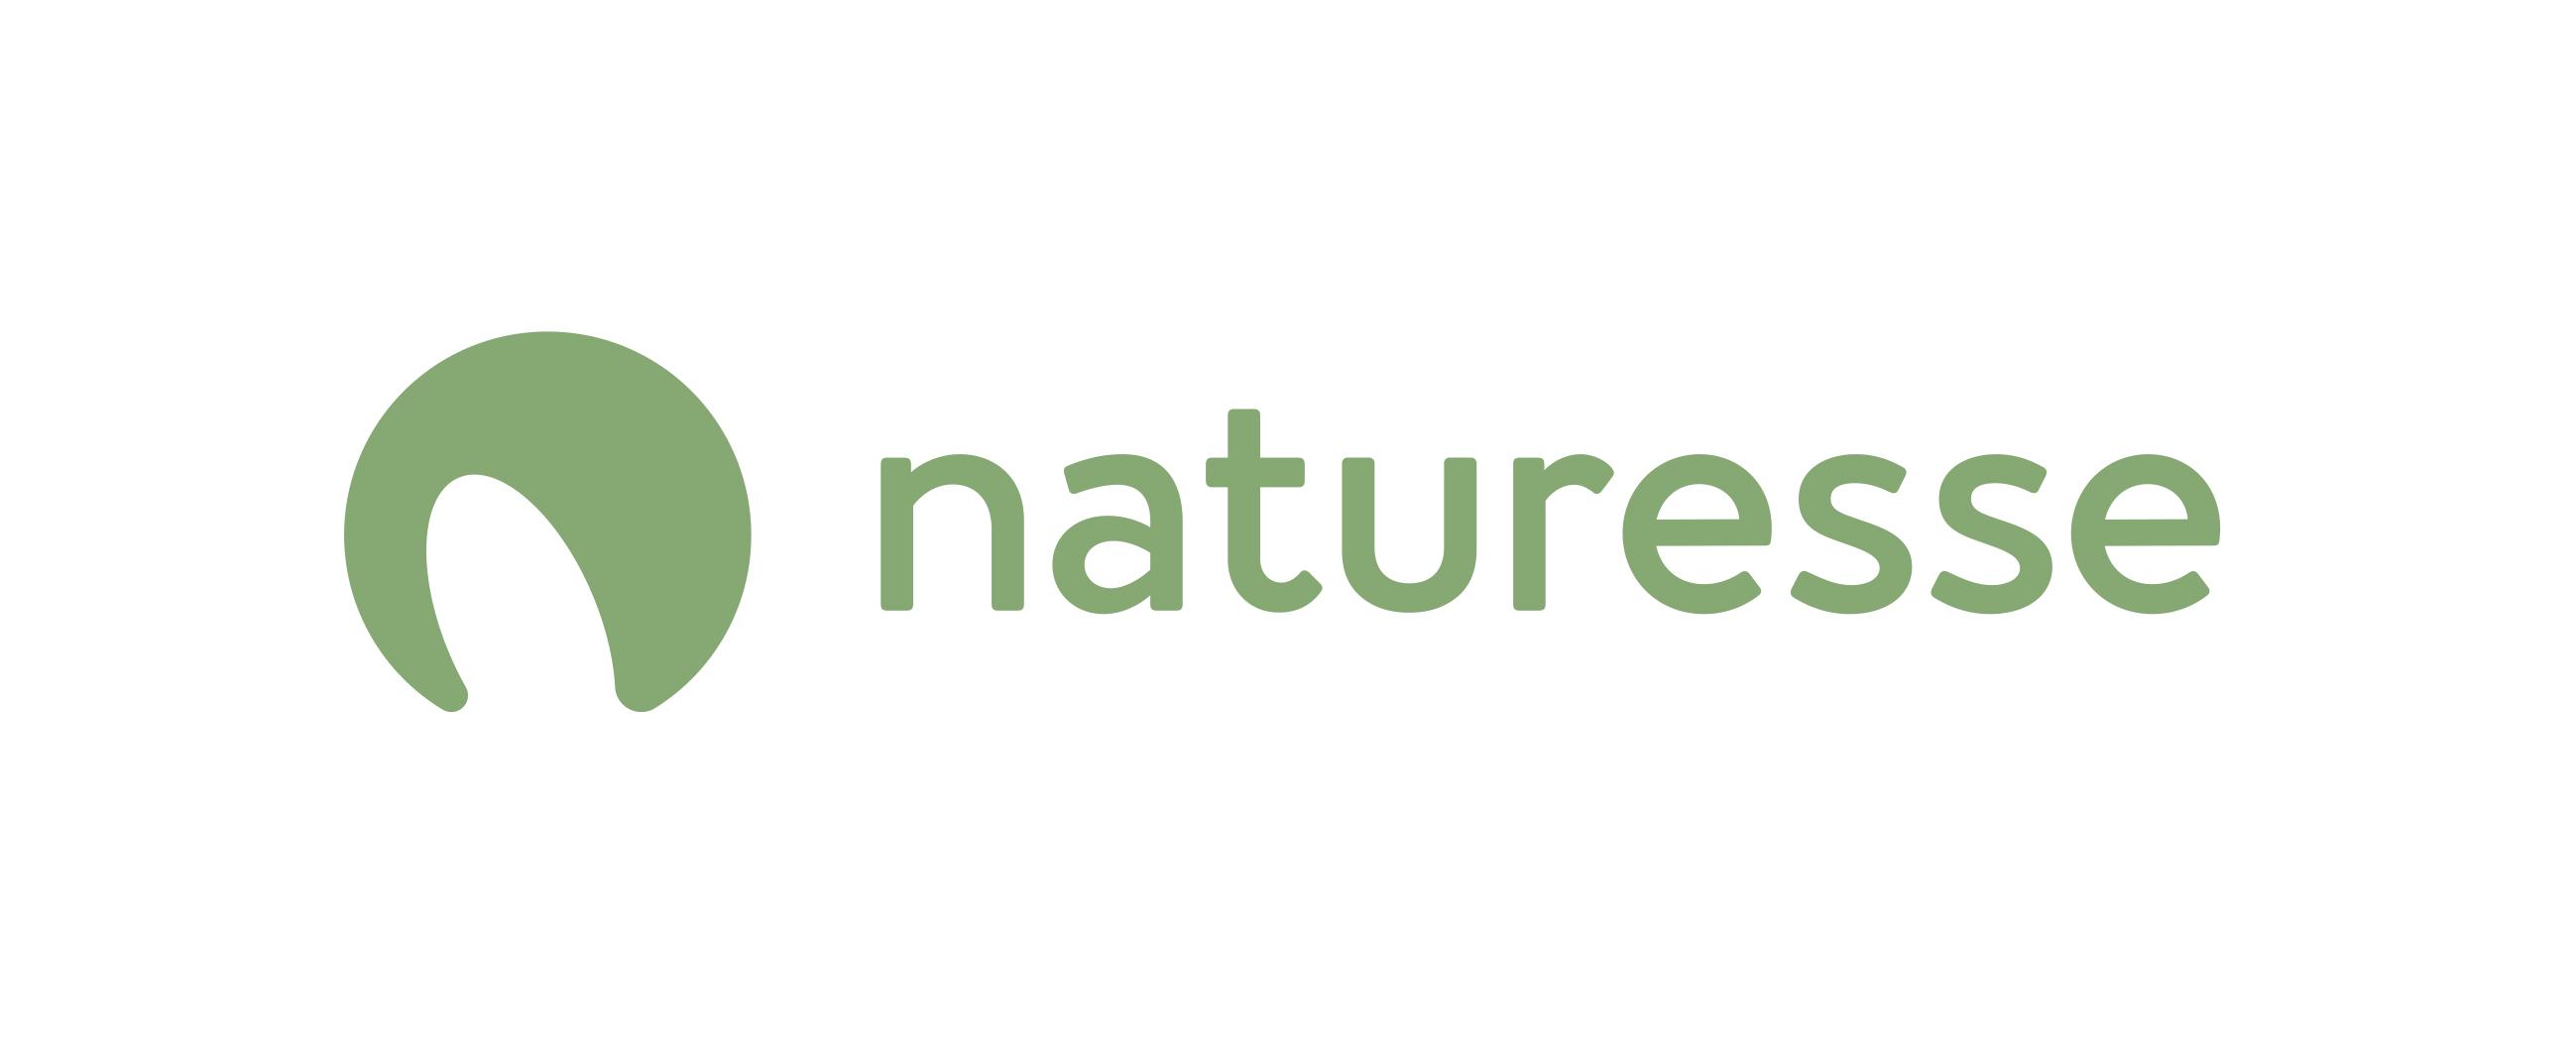 naturesse